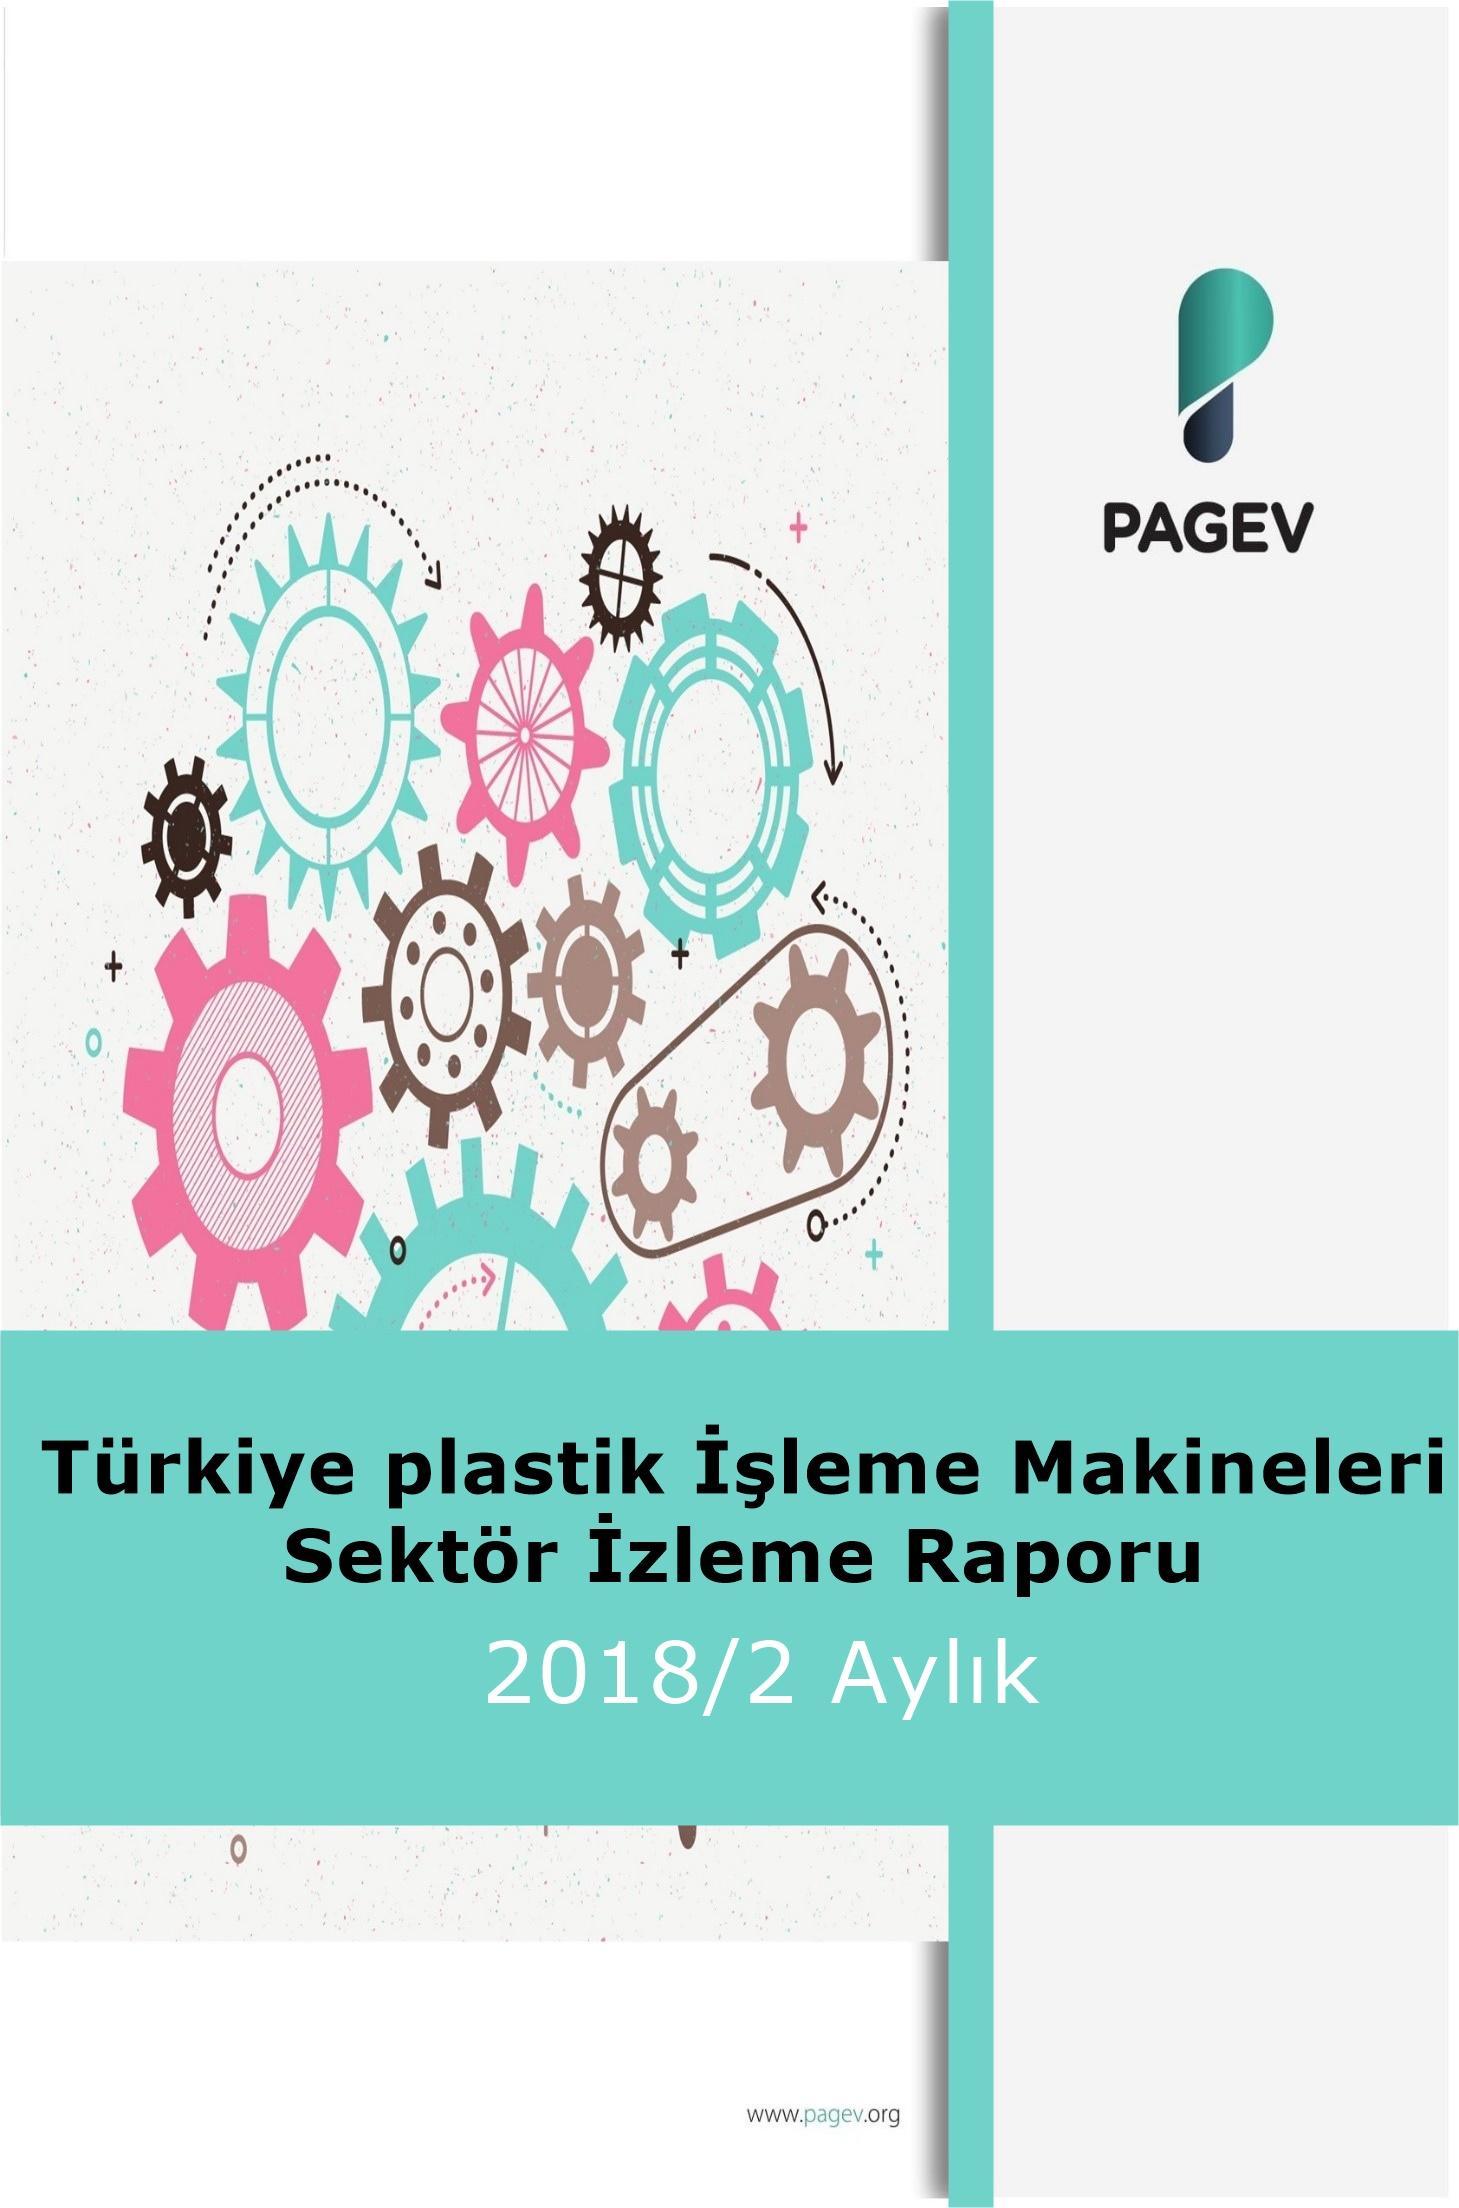 Türkiye Plastik İşleme Makineleri Sektör İzleme Raporu 2018/2 Aylık